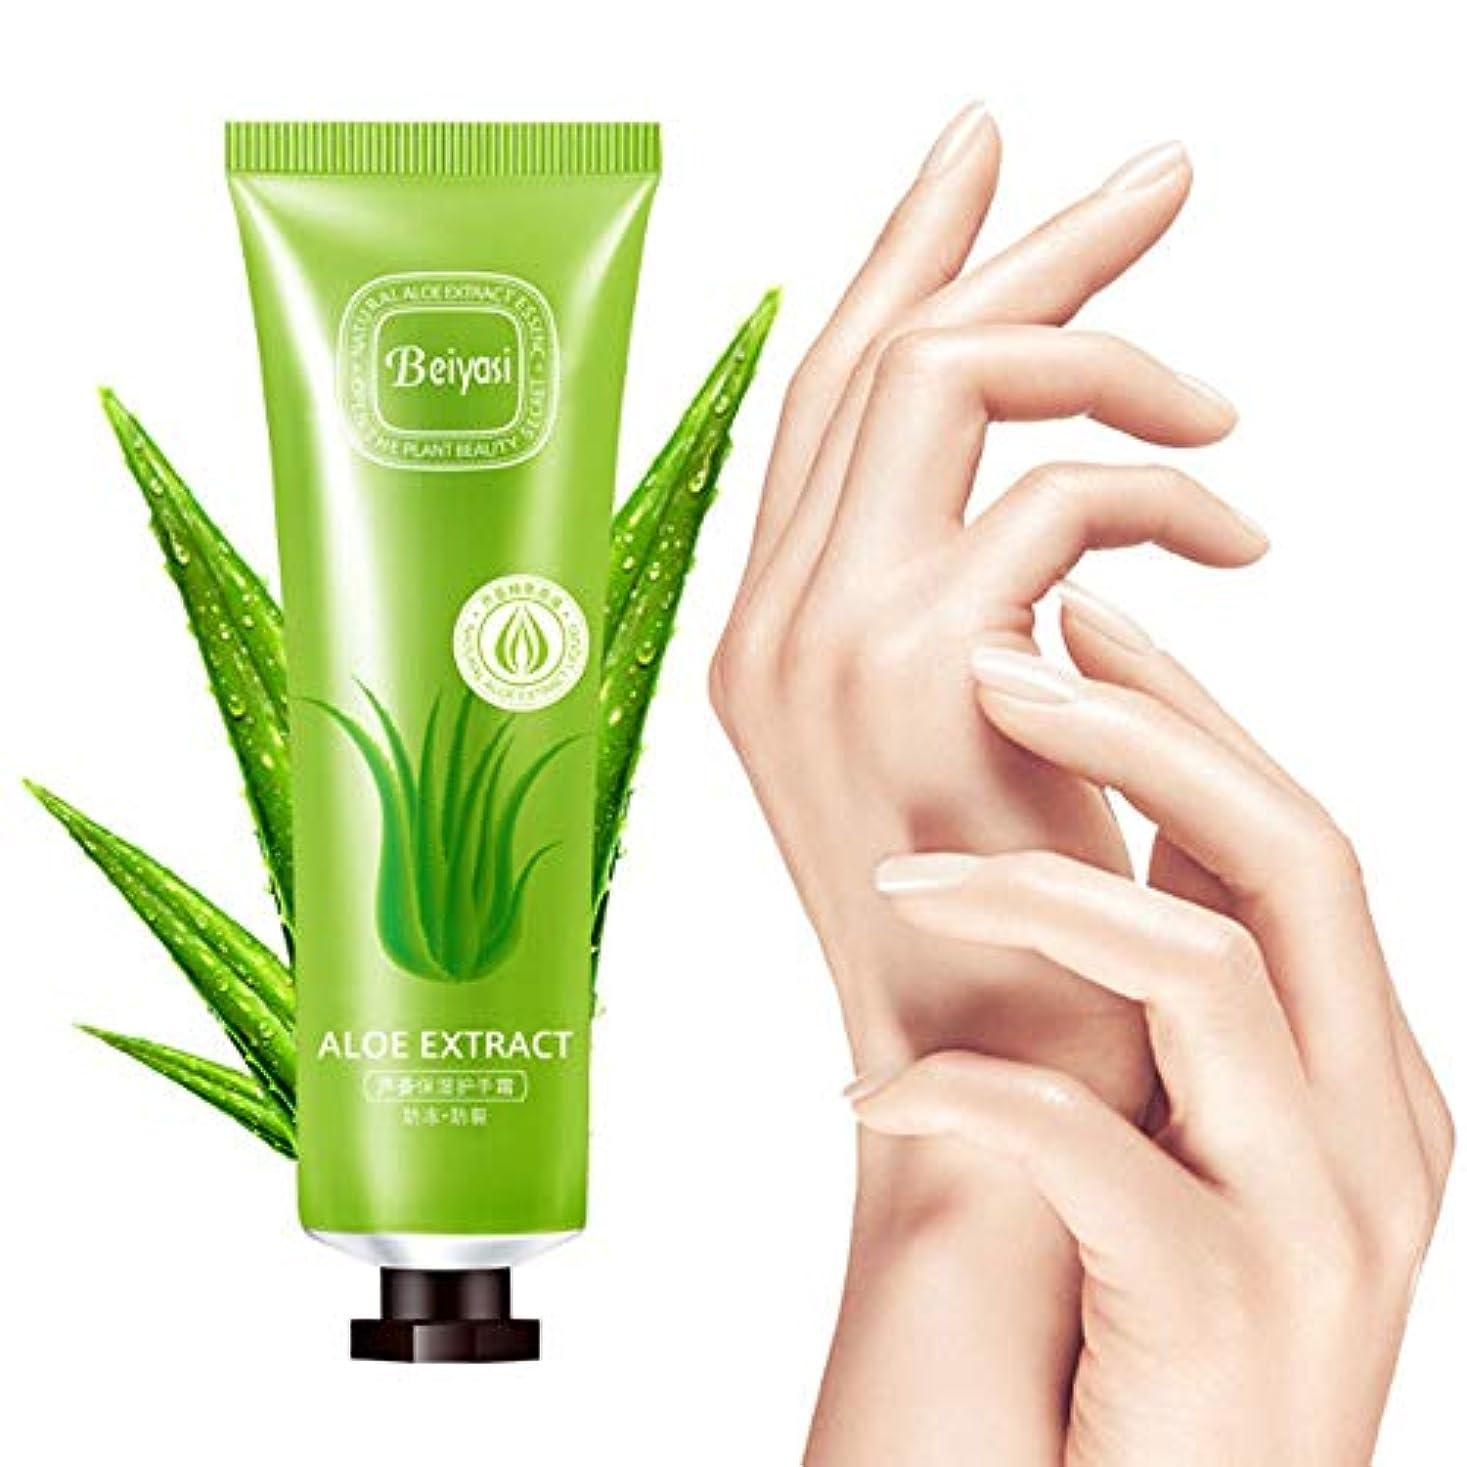 サワー威信普及ハンドクリーム Akane BEIYASI アロエ 潤う 香り 手荒れを防ぐ 保湿 水分 無添加 天然 乾燥肌用 自然 肌荒れ予防 Hand Cream 30g